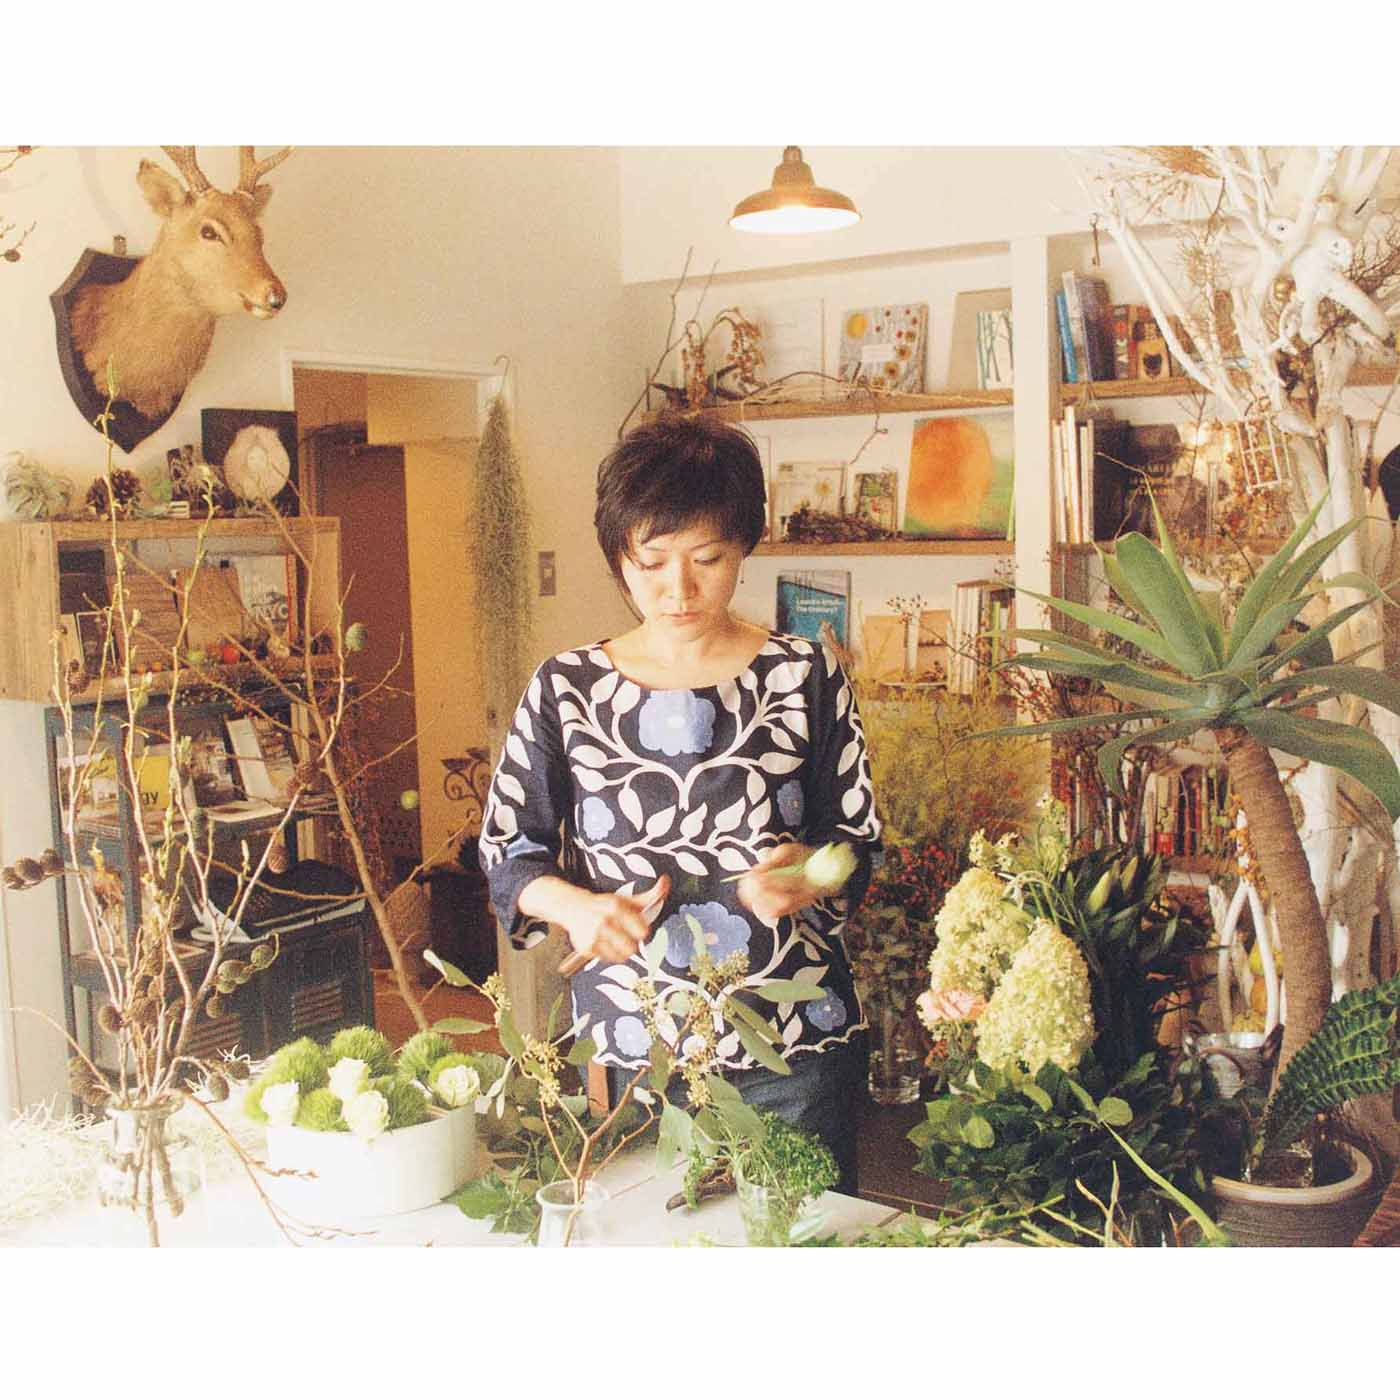 【西間木 恵(にしまぎ めぐみ)さん/宮城県仙台市】フラワーデコレーター、花空間演出家。日本でウエディング専門のフラワーコーディネイターとして約1,000件以上をプロデュース。2005年に渡仏し、パリのトップフルーリストのもとで修業。2010年にふるわとである仙台に拠点を移し、花を通じてパリと仙台をつなぐ活動やイベントをはじめ、フラワーレッスンや、アーティストとのコラボなど多方面で活躍中